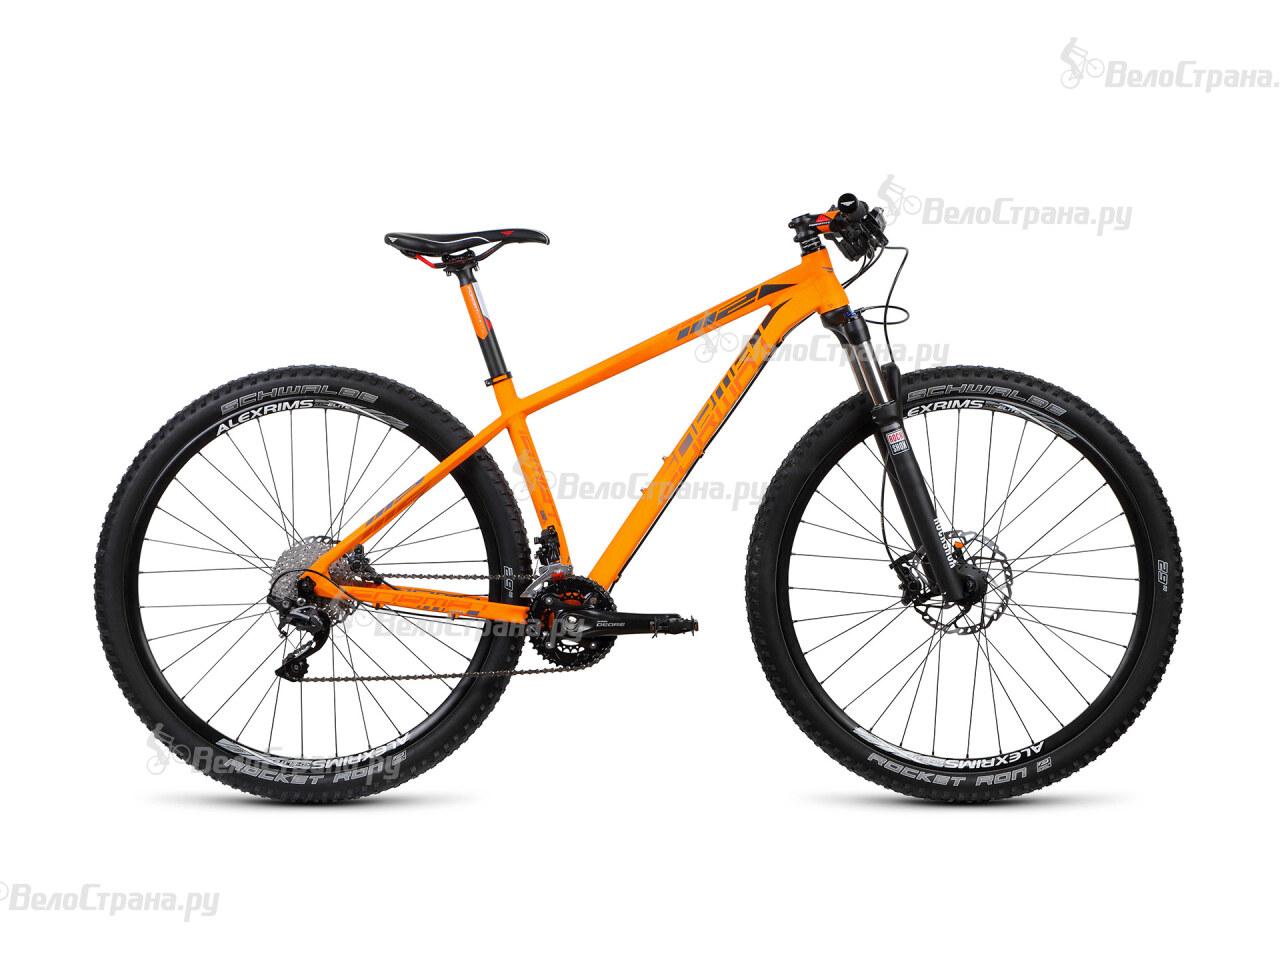 Велосипед Format 1112 29 (2016) велосипед 29 format 1113 2016